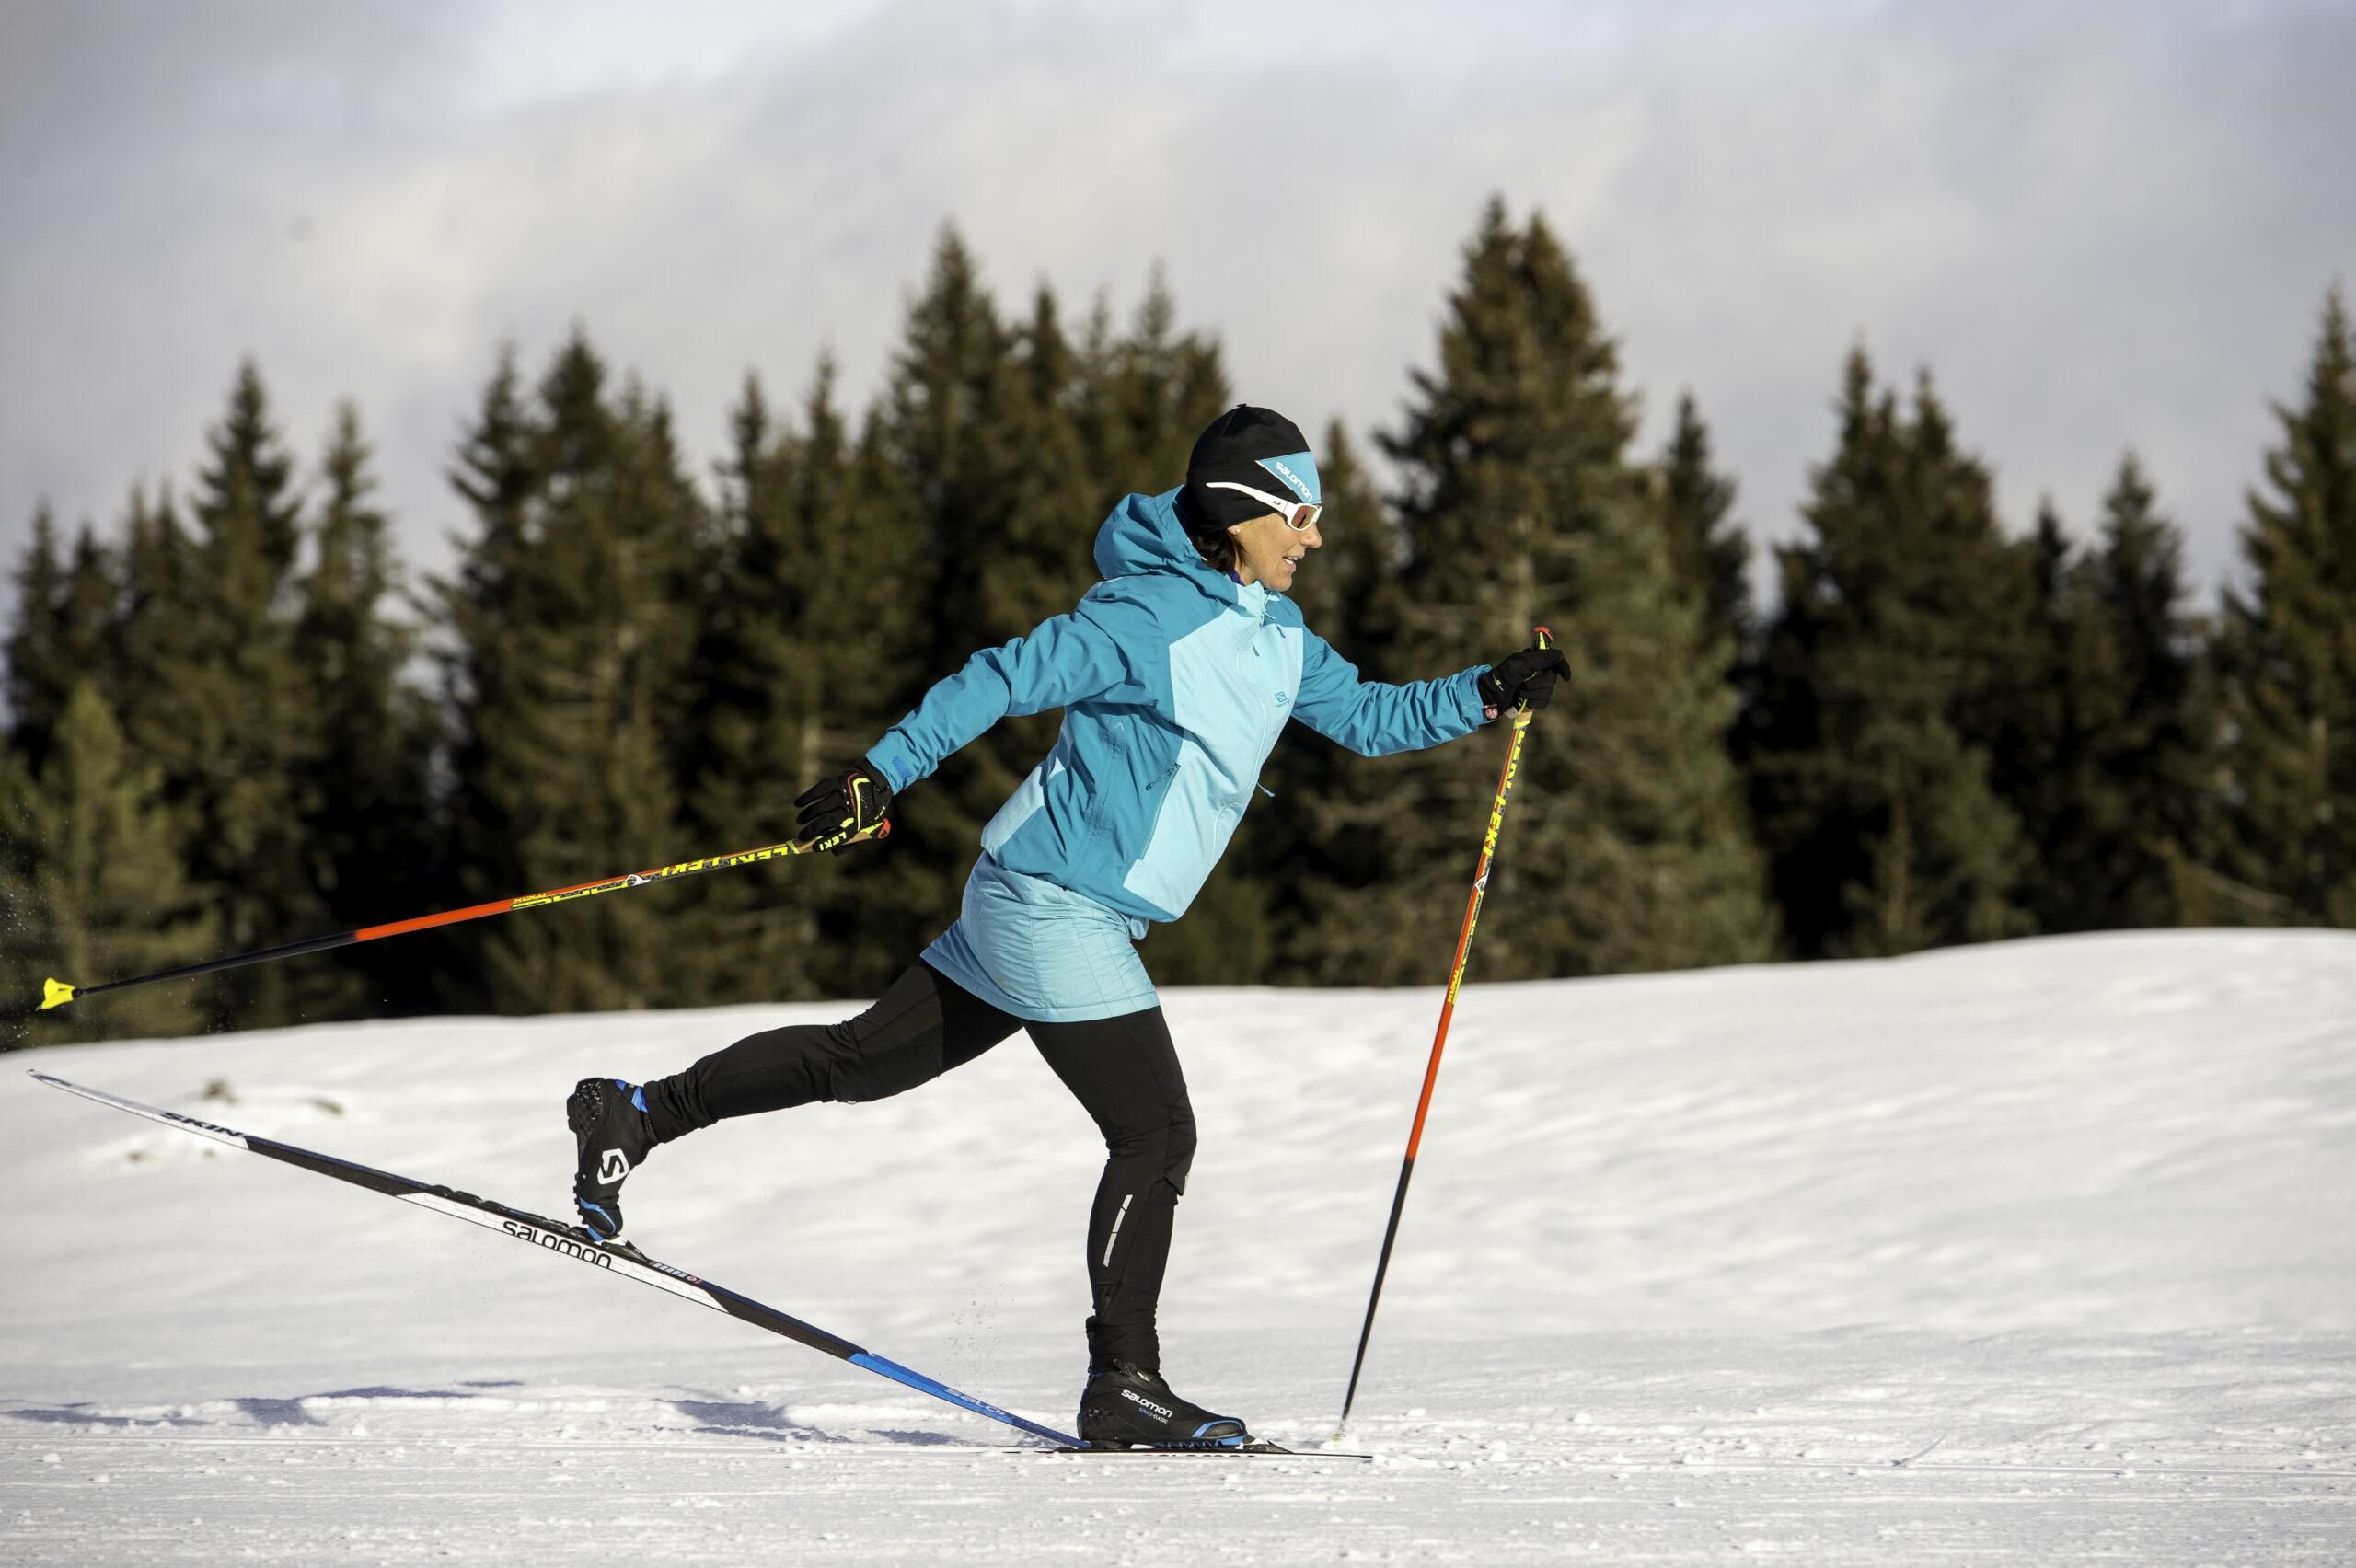 Scopri lo sci di fondo con Giuliano… il maestro di sci tutto per te!